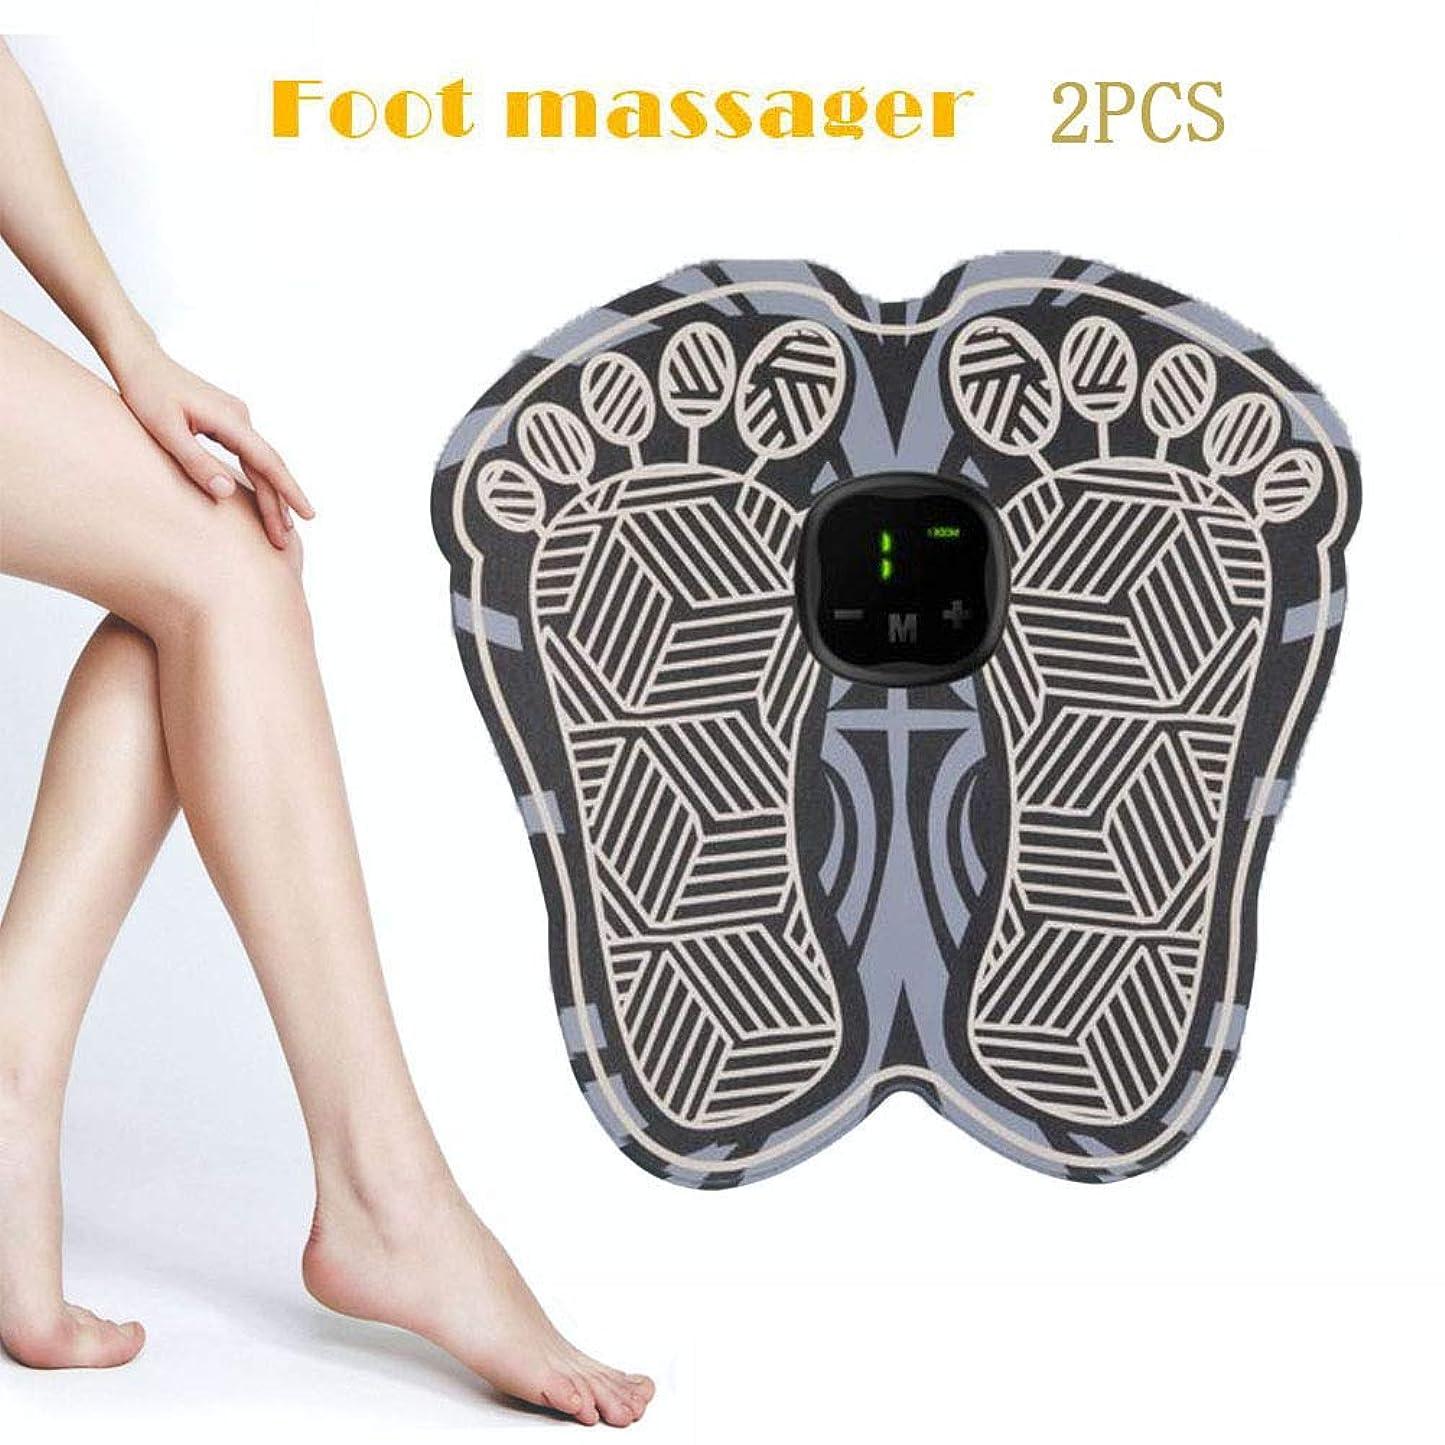 ビバ脚違法EMSフットマッサージャー、スマートマッサージパッド、足の振動指圧、多機能理学療法、デジタルディスプレイ、USB充電、足の疲労の緩和、2個